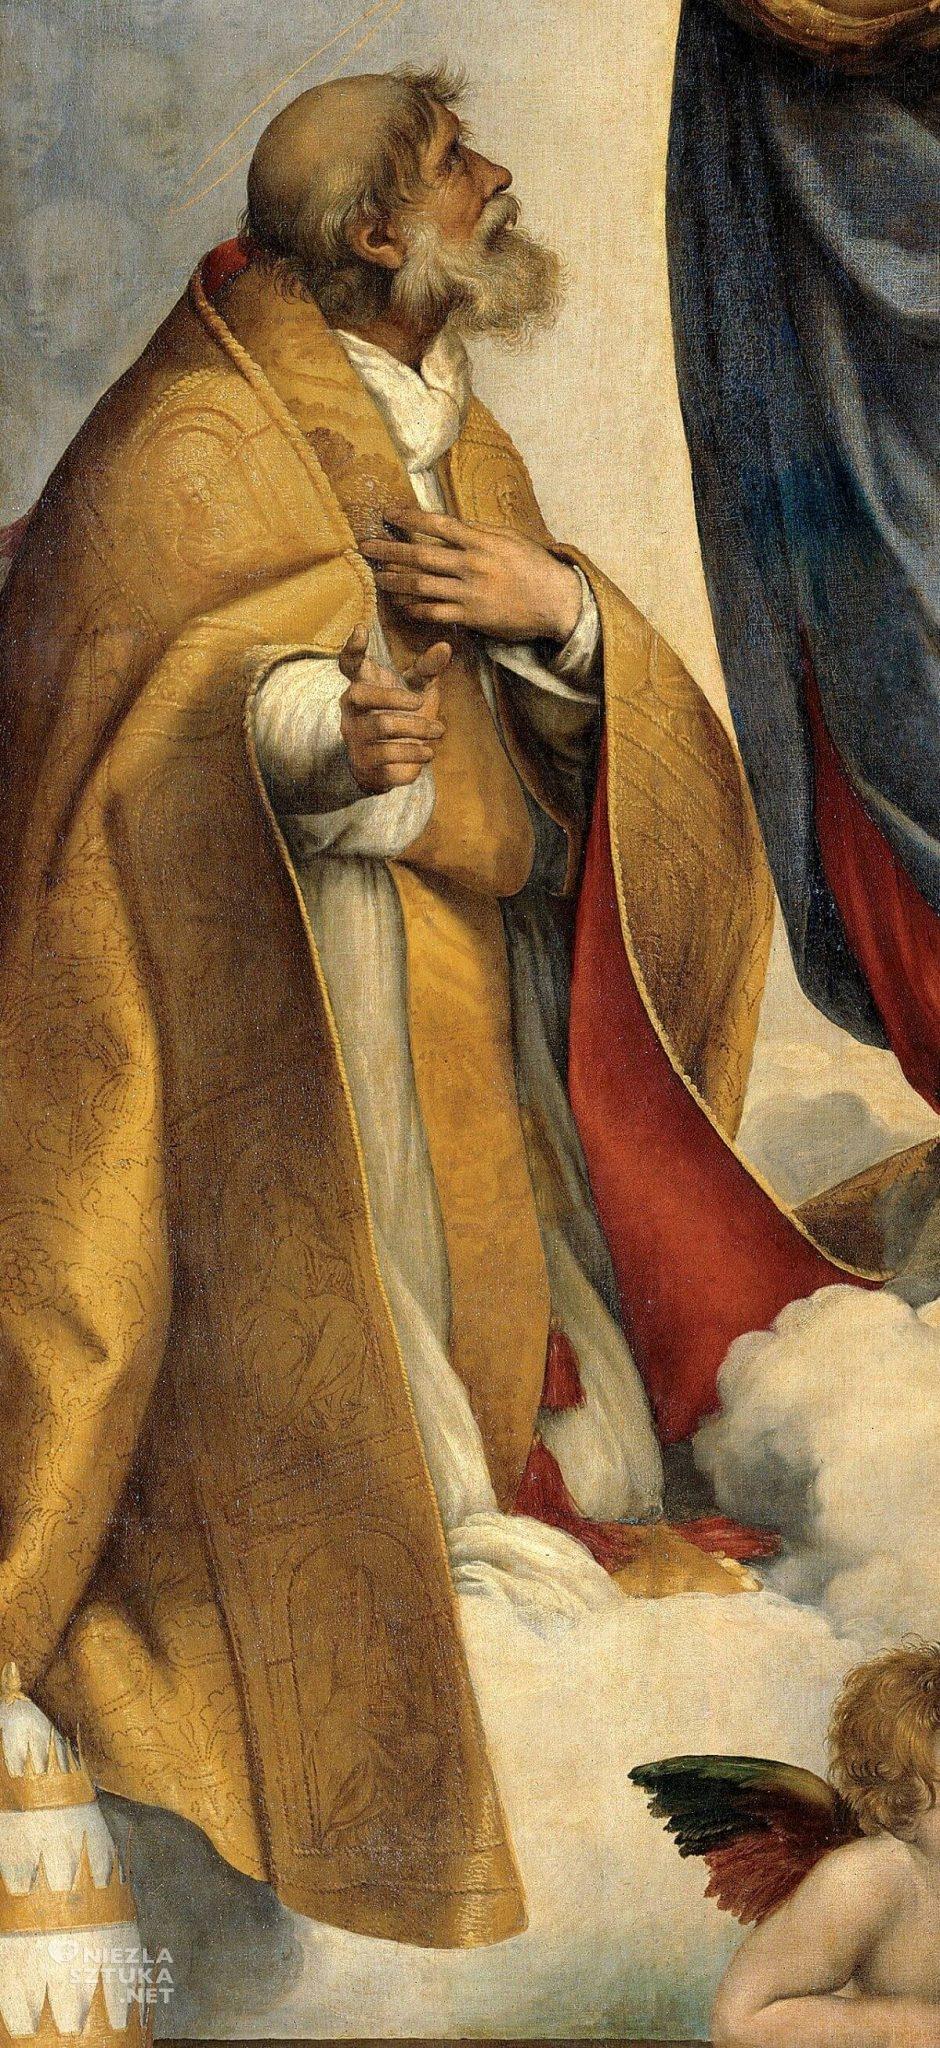 Rafael Santi, Madonna Sykstyńska, św. Sykstus, sztuka włoska, Niezła sztuka